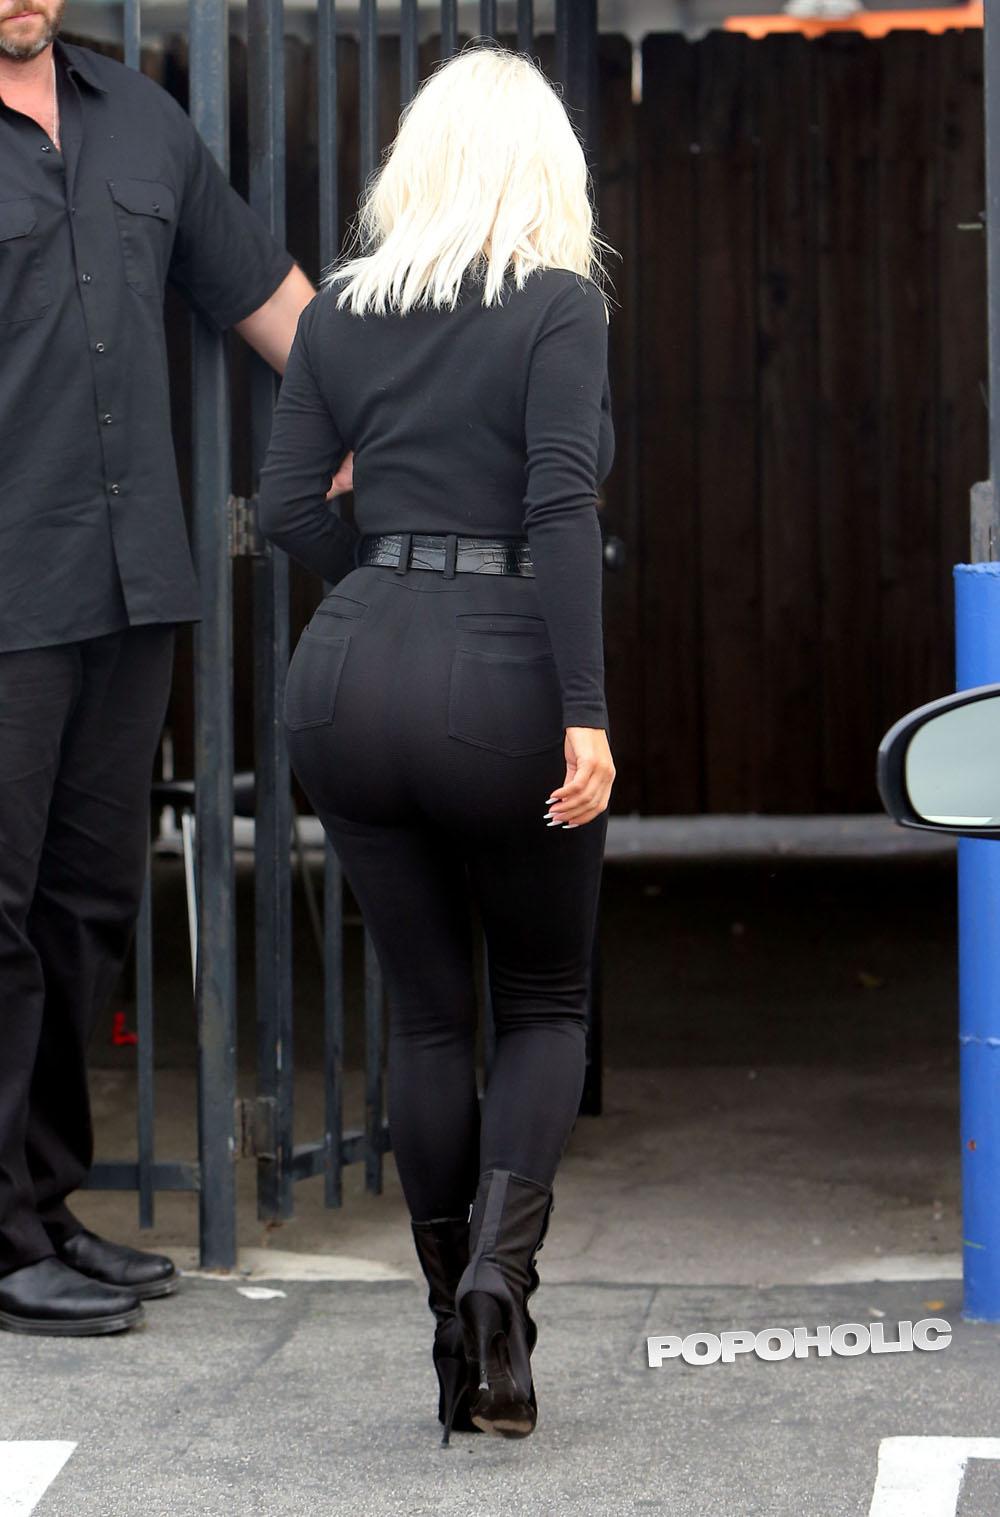 Попа в черных джинсах смотреть онлайн фотоография